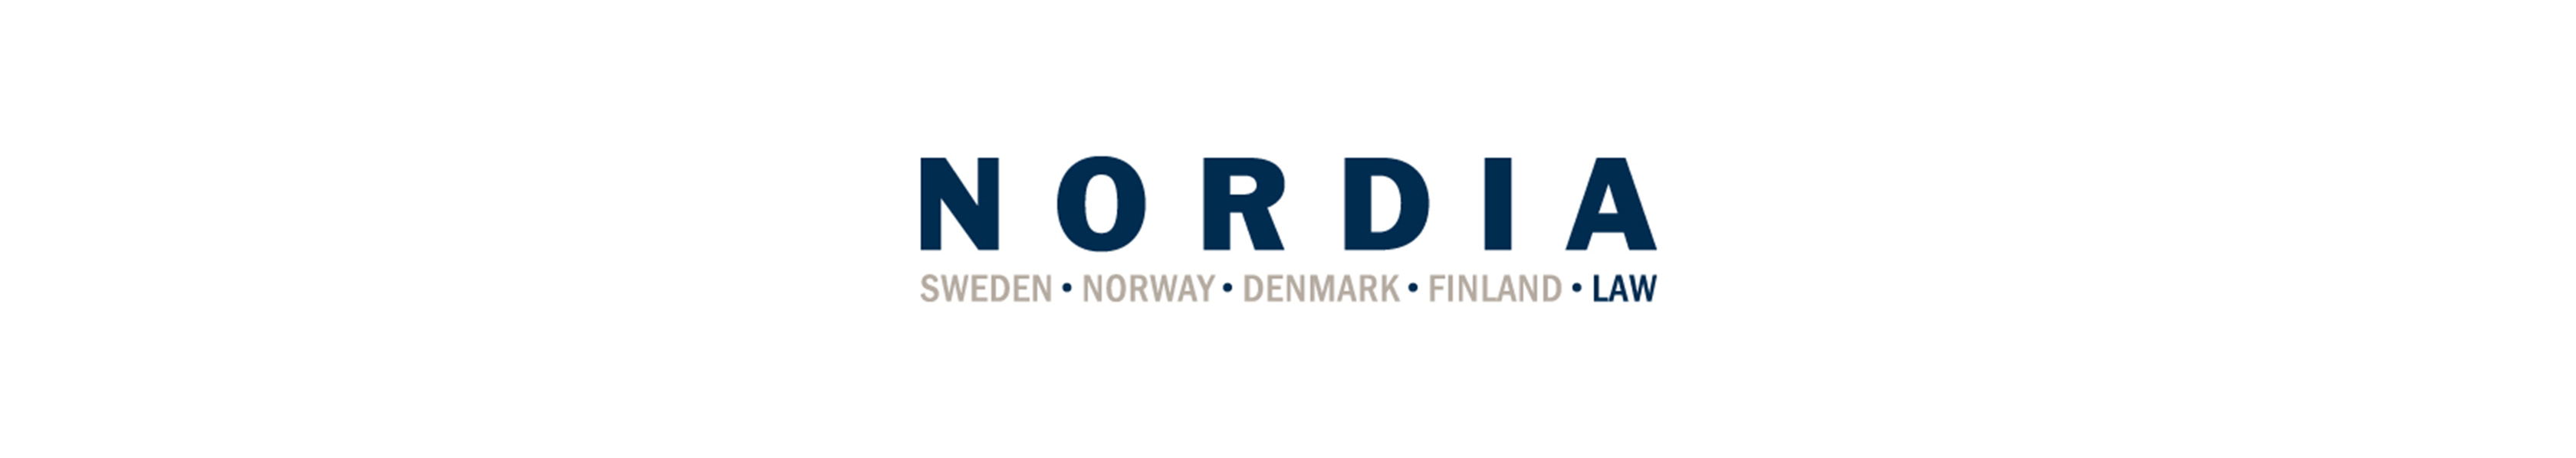 nordia-reklambanner